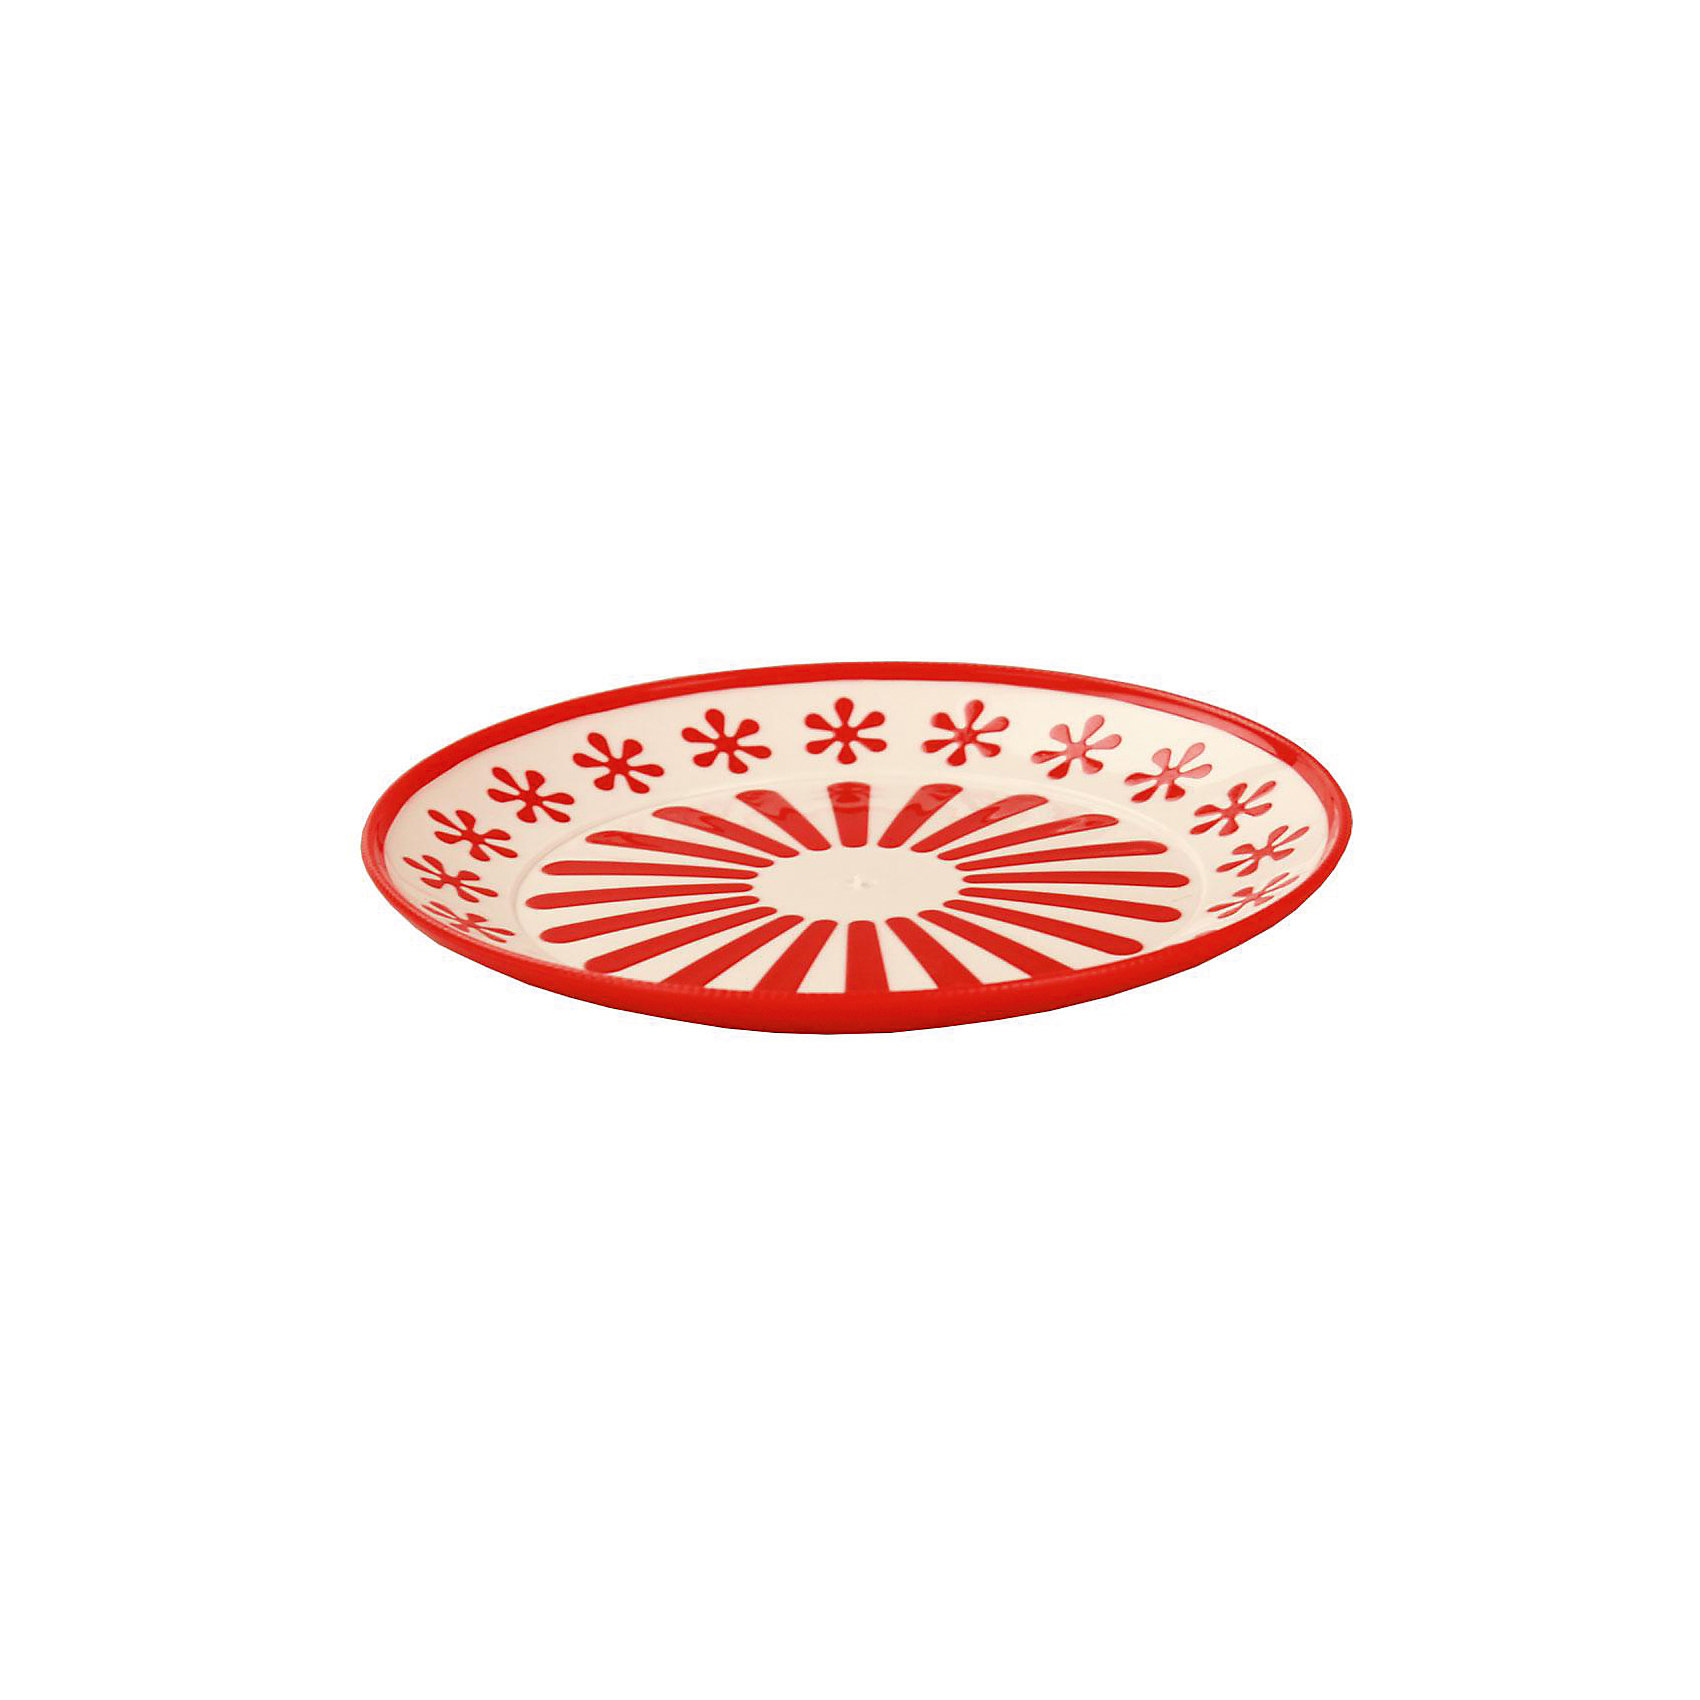 Тарелка Валенсия, Alternativa, красный-белыйПосуда<br>Характеристики:<br><br>• Предназначение: для пищевых продуктов<br>• Материал: пластик<br>• Цвет: красный, белый <br>• Размер (Д*Ш*В):  19*19*20 см<br>• Особенности ухода: разрешается мыть<br><br>Тарелка Валенсия, Alternativa, красный-белый изготовлена отечественным производителем ООО ЗПИ Альтернатива, который специализируется на выпуске широкого спектра изделий и предметов мебели из пластика. Тарелка выполнена из экологически безопасного пищевого пластика, устойчивого к механическим повреждениям и изменению цвета. Ее можно использовать для холодных пищевых продуктов, в качестве вазы для фруктов или кондитерских изделий.Тарелка выполнена в ярком дизайне. Изделие имеет компактный размер и легкий вес, поэтому его удобно брать с собой на природу и дачу. <br><br>Тарелку Валенсия, Alternativa, красно-белую можно купить в нашем интернет-магазине.<br><br>Ширина мм: 190<br>Глубина мм: 190<br>Высота мм: 2<br>Вес г: 74<br>Возраст от месяцев: 36<br>Возраст до месяцев: 84<br>Пол: Унисекс<br>Возраст: Детский<br>SKU: 5096700